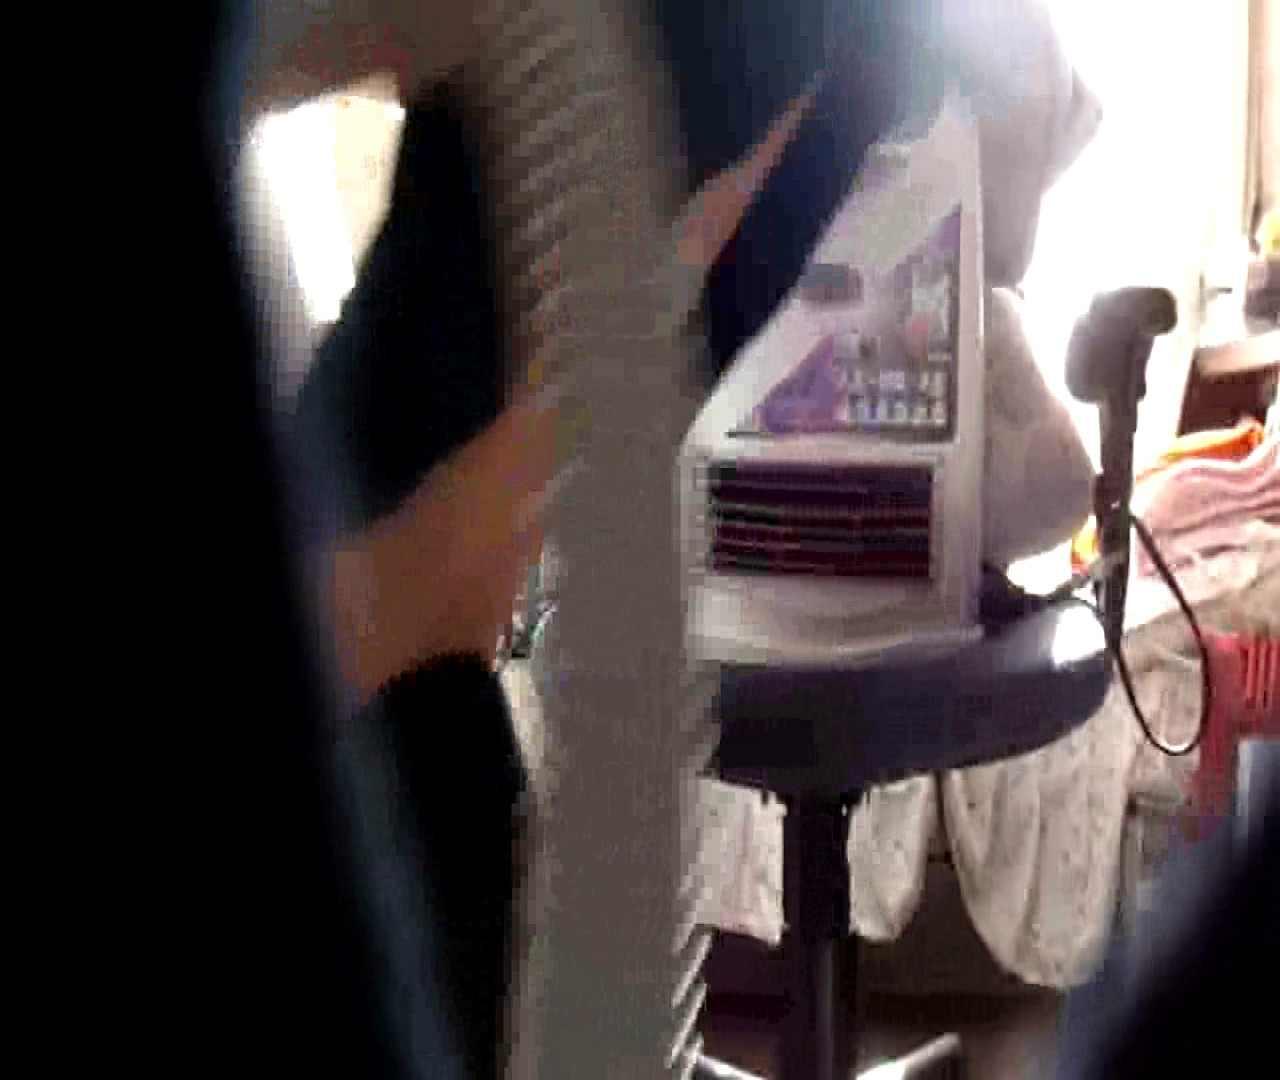 vol.3 まどかがパンツを見せながら部屋掃除、洗面所も少しどうぞ。 パンツ特集 エロ画像 106画像 43